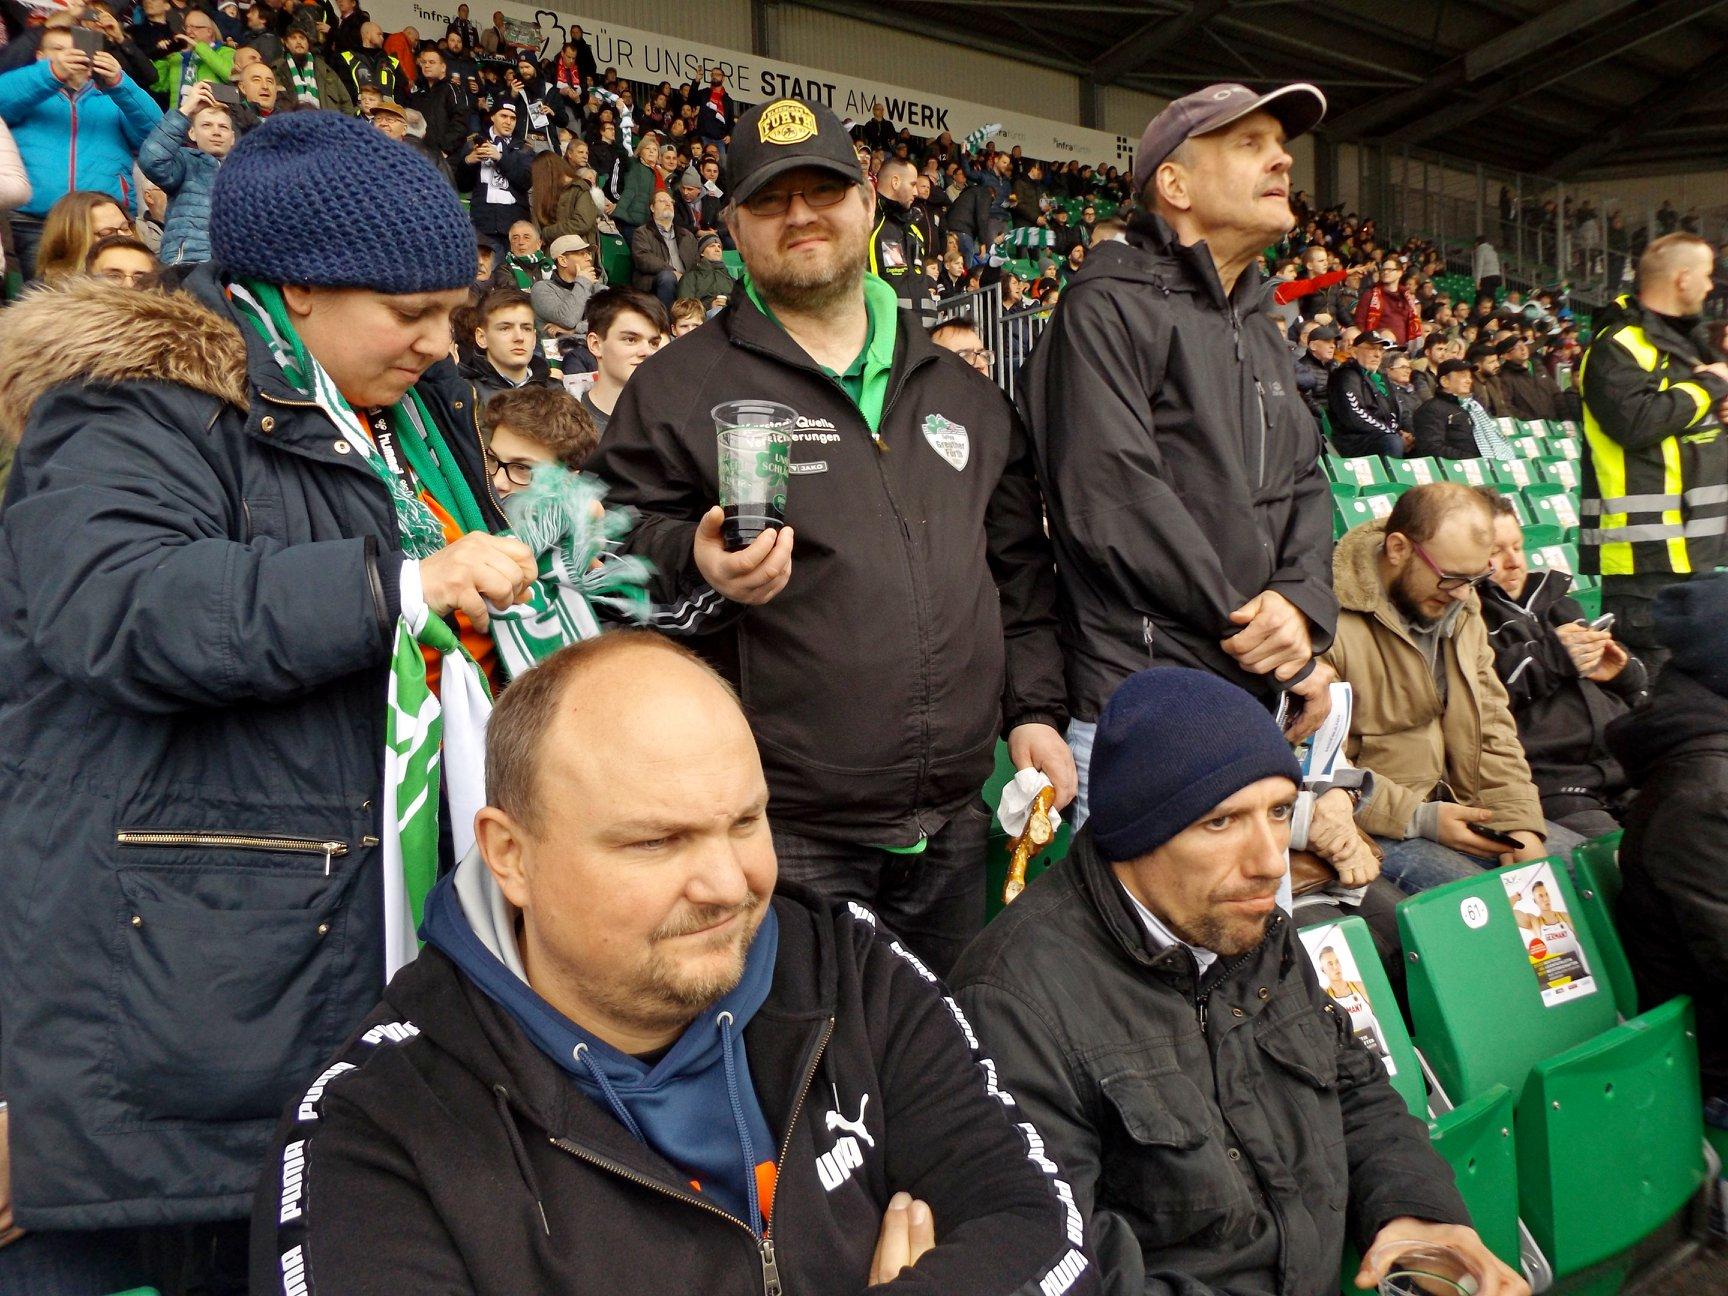 Im Stadion ... hier ist jeder einfach Fan. Inklusion ohne Wenn und Aber.